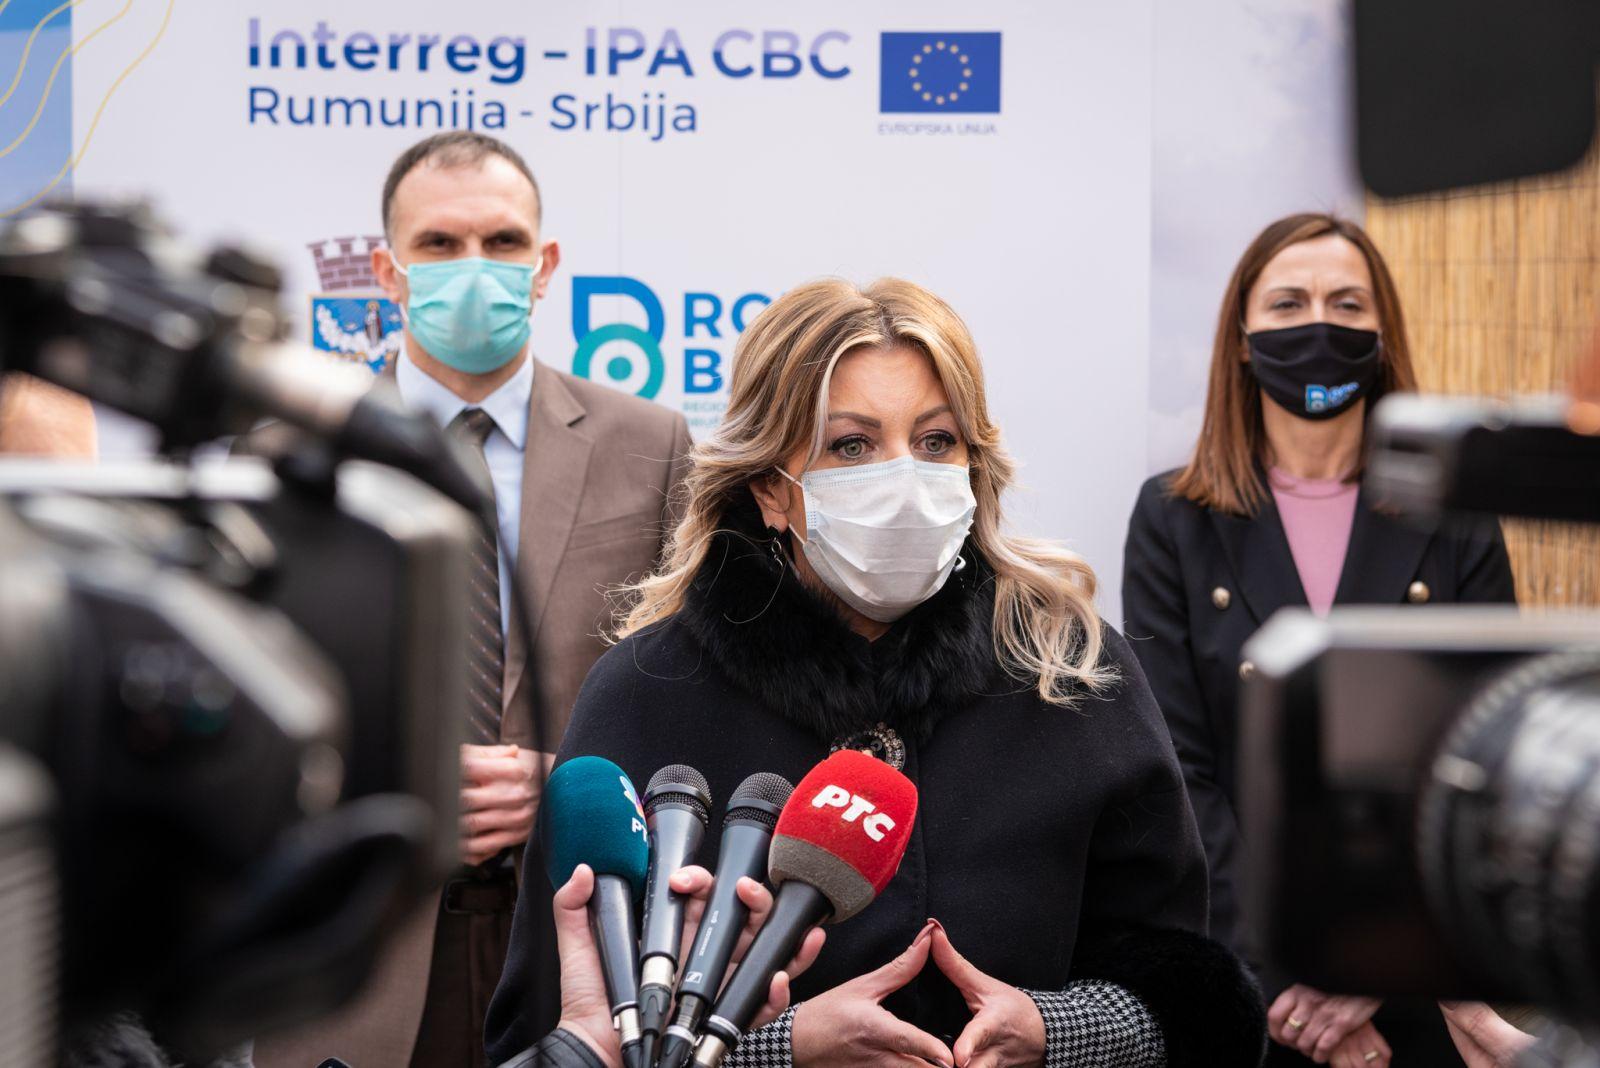 Ј. Јоксимовић: Зелена агенда - тема и посао у наредним деценијама